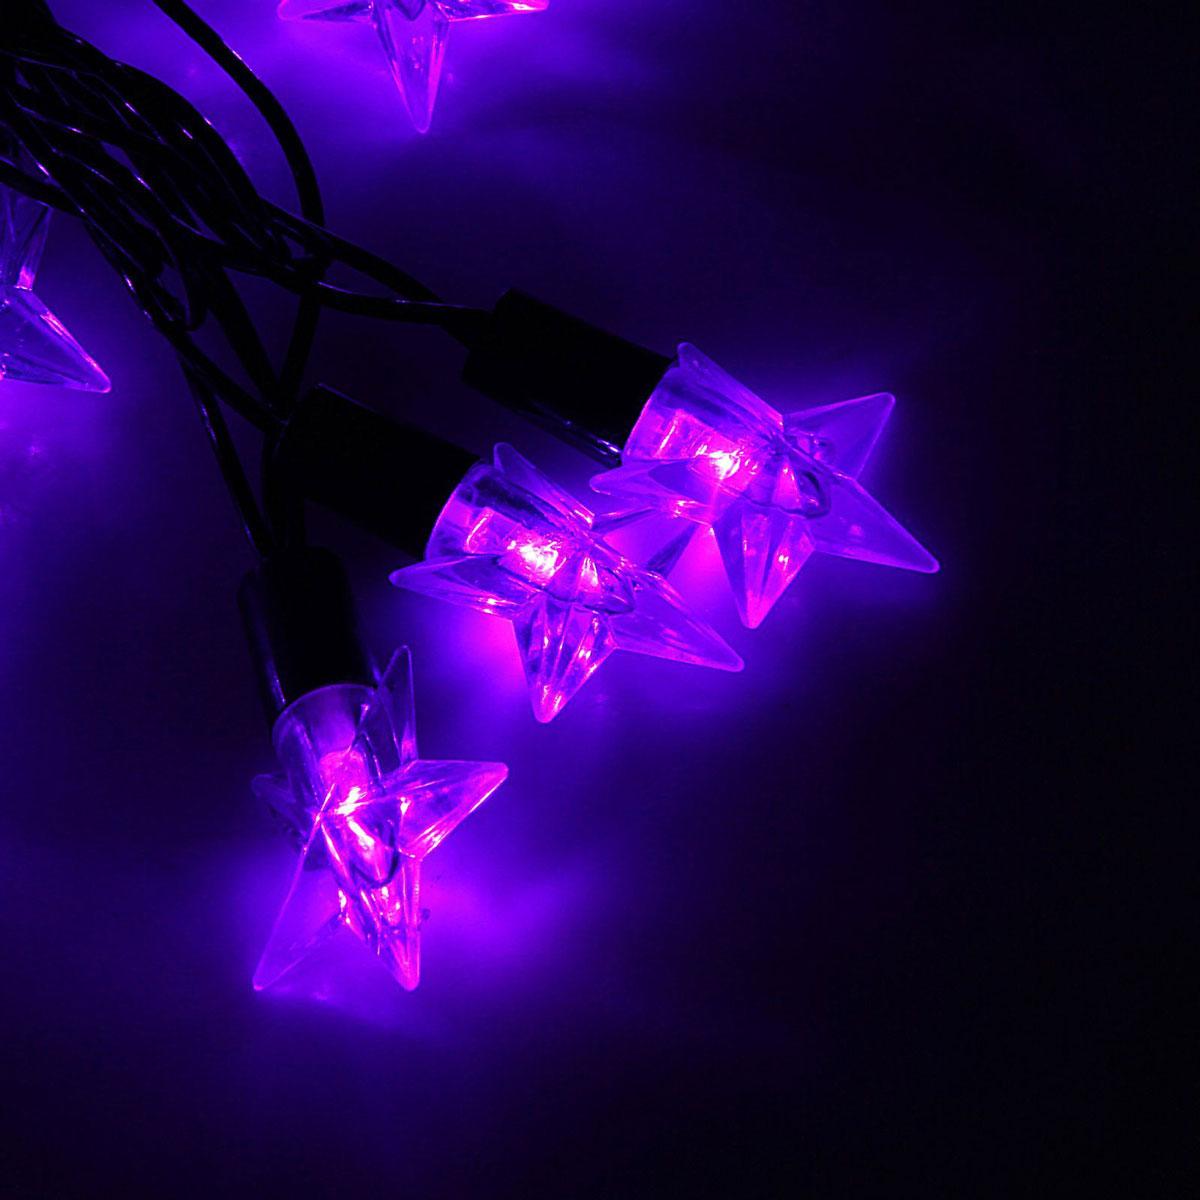 Гирлянда светодиодная Luazon Метраж. Звезда средняя, уличная с насадкой, 8 режимов, 40 ламп, 220 V, 5 м, цвет: фиолетовый. 10801041080104Светодиодные гирлянды, ленты и т.д. — это отличный вариант для новогоднего оформления интерьера или фасада. С их помощью помещение любого размера можно превратить в праздничный зал, а внешние элементы зданий, украшенные ими, мгновенно станут напоминать очертания сказочного дворца. Такие украшения создают ауру предвкушения чуда. Деревья, фасады, витрины, окна и арки будто специально созданы, чтобы вы украсили их светящимися нитями.